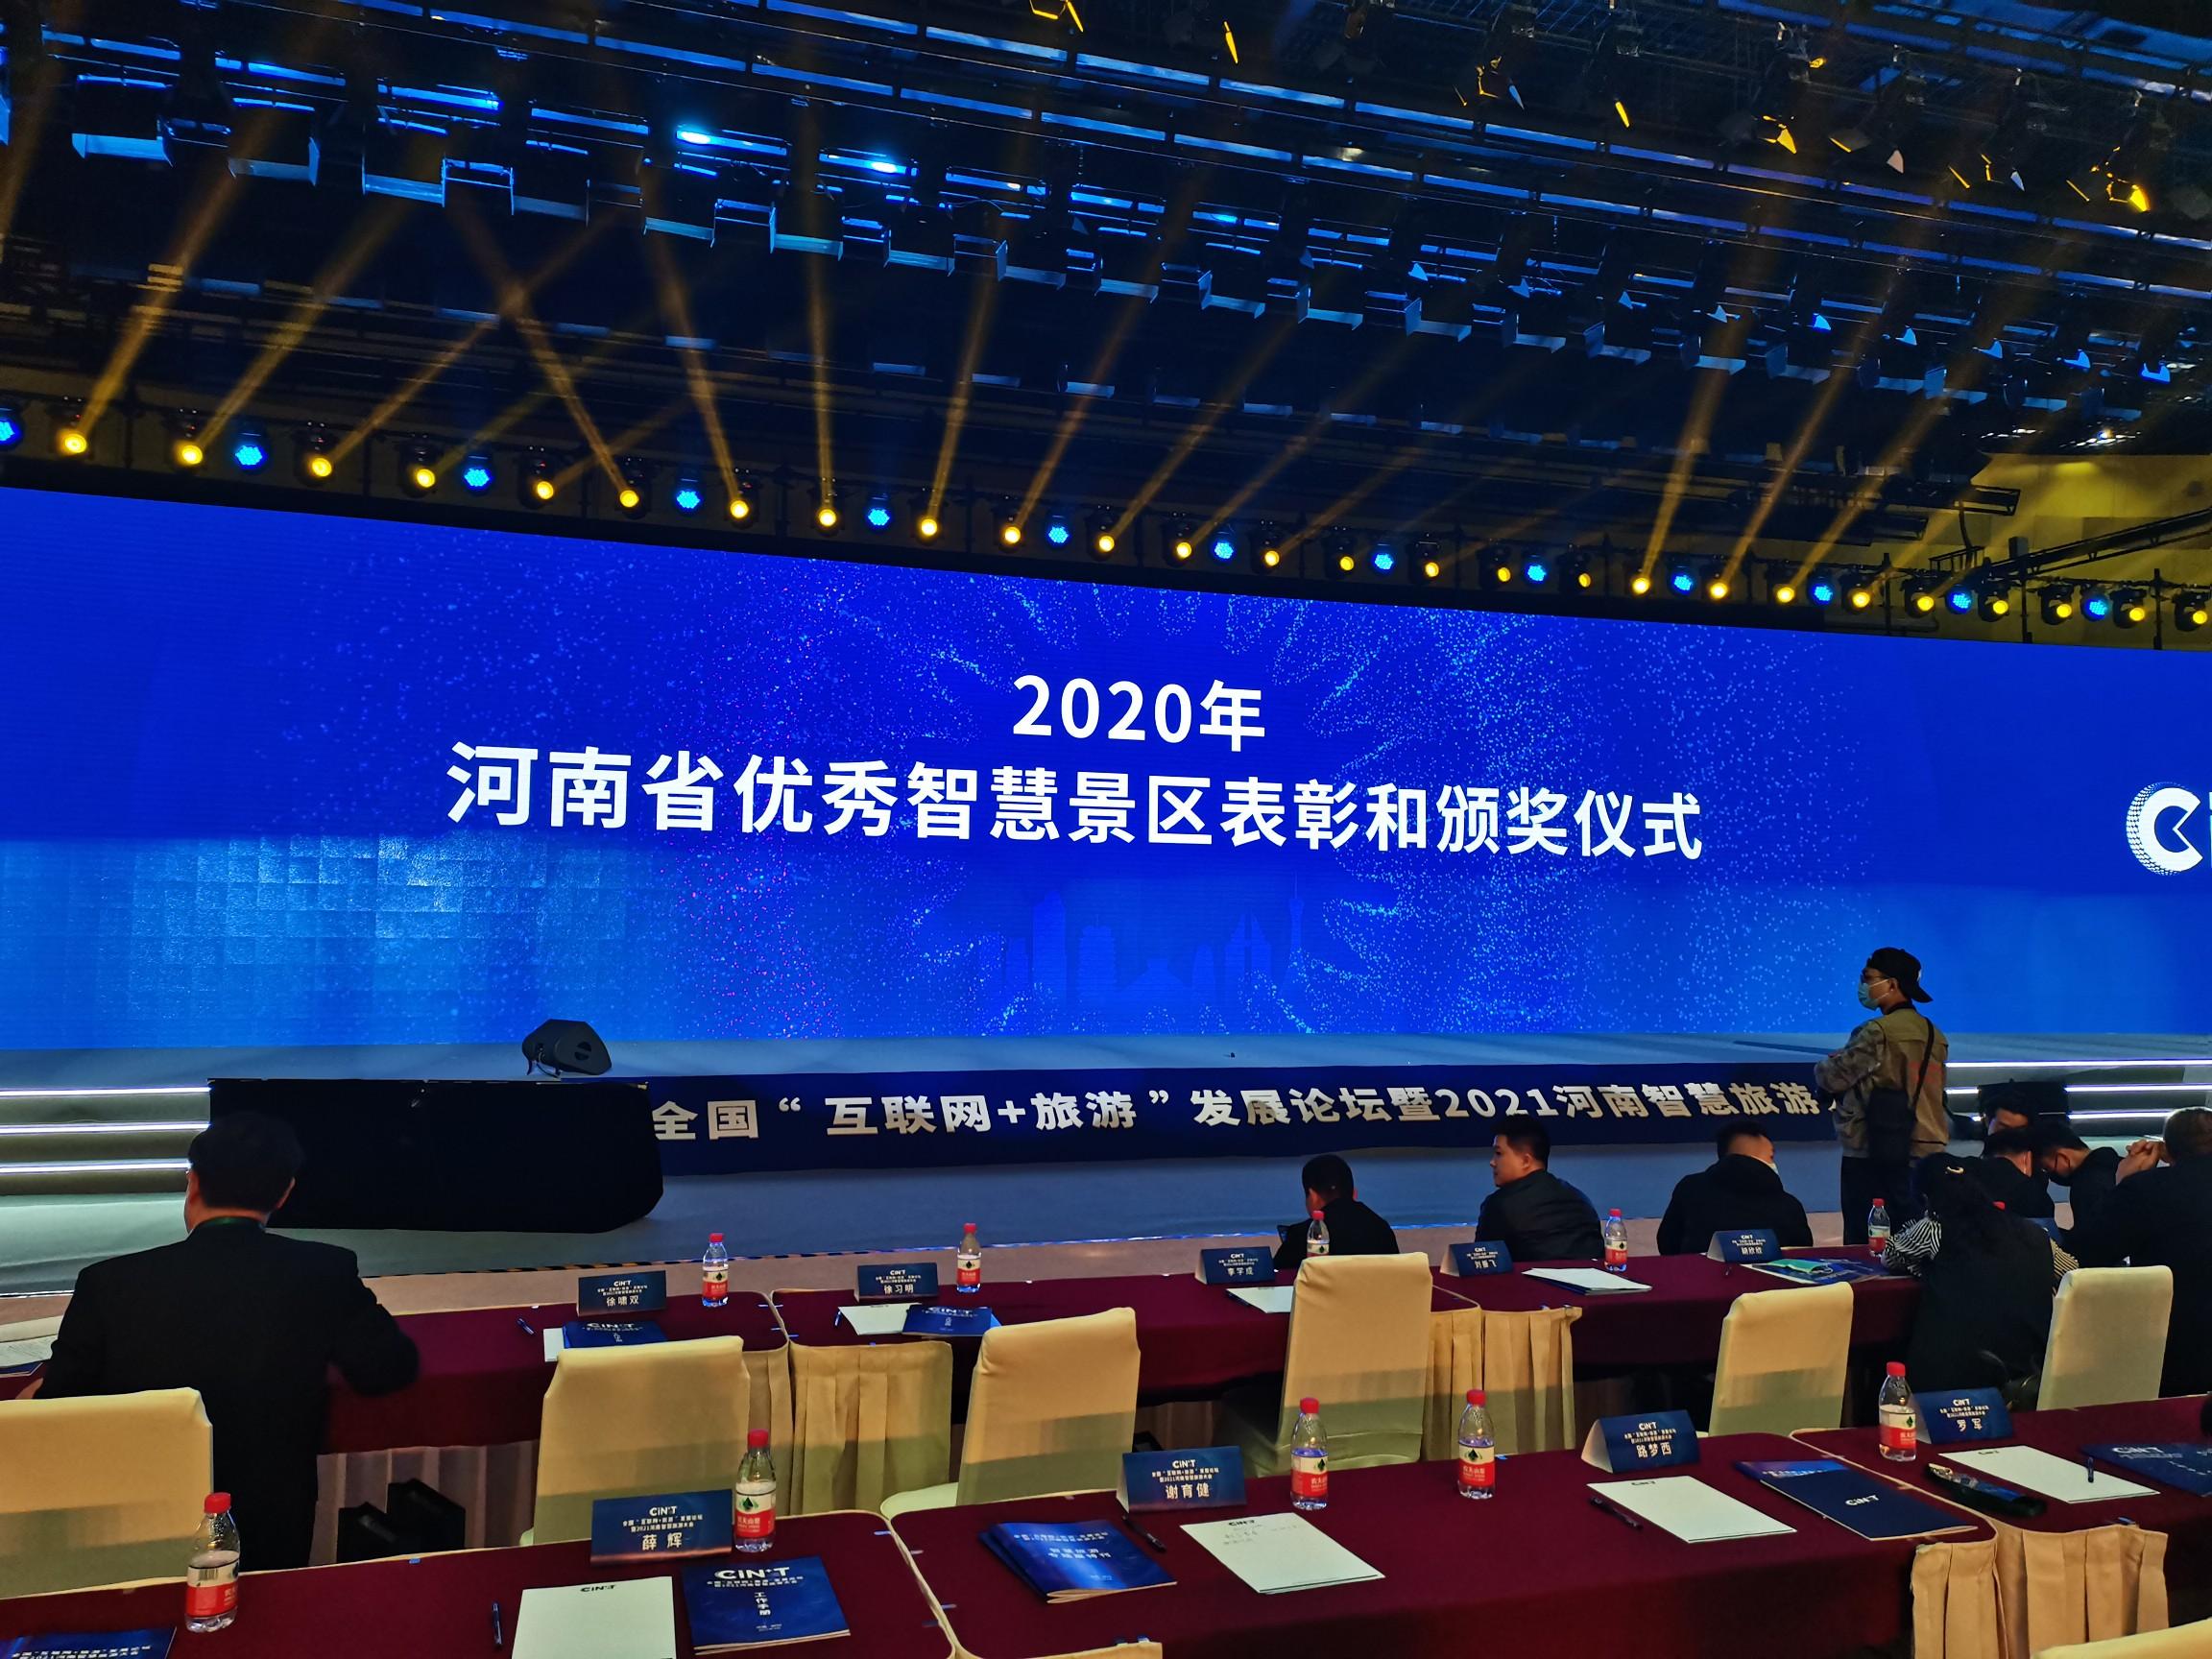 喜讯!西九华山风景区荣获2020年度河南省三钻级智慧景区